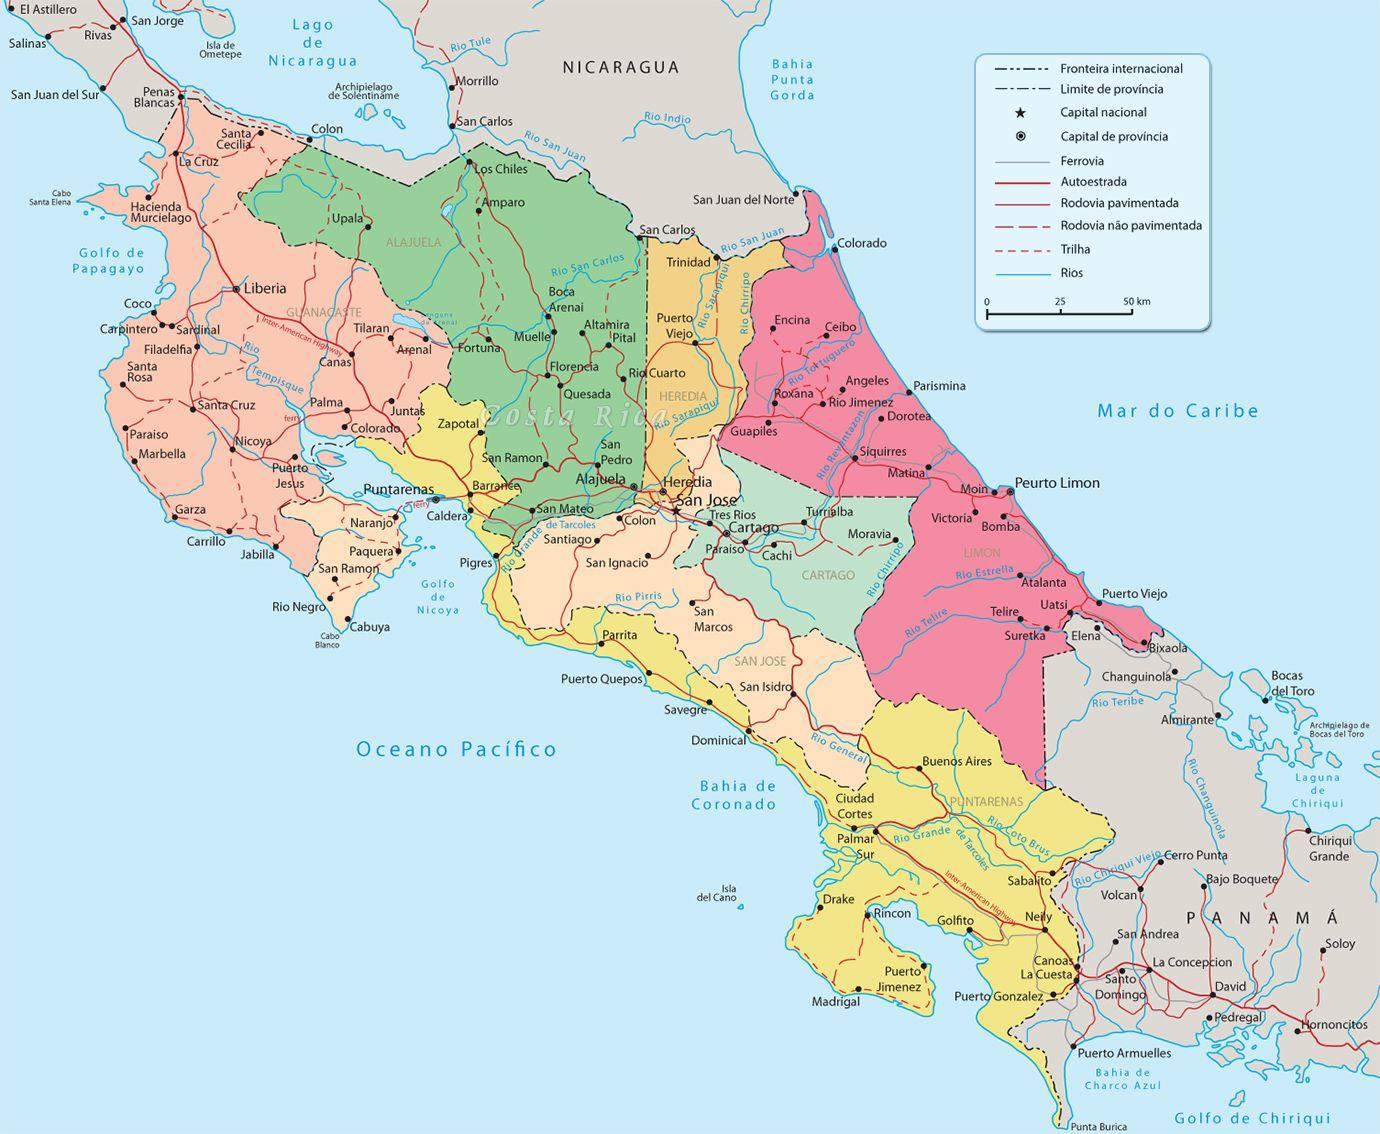 costa rica mapa Es la costa rica mapa. No te pierda ! | Costa Rica para turistas  costa rica mapa